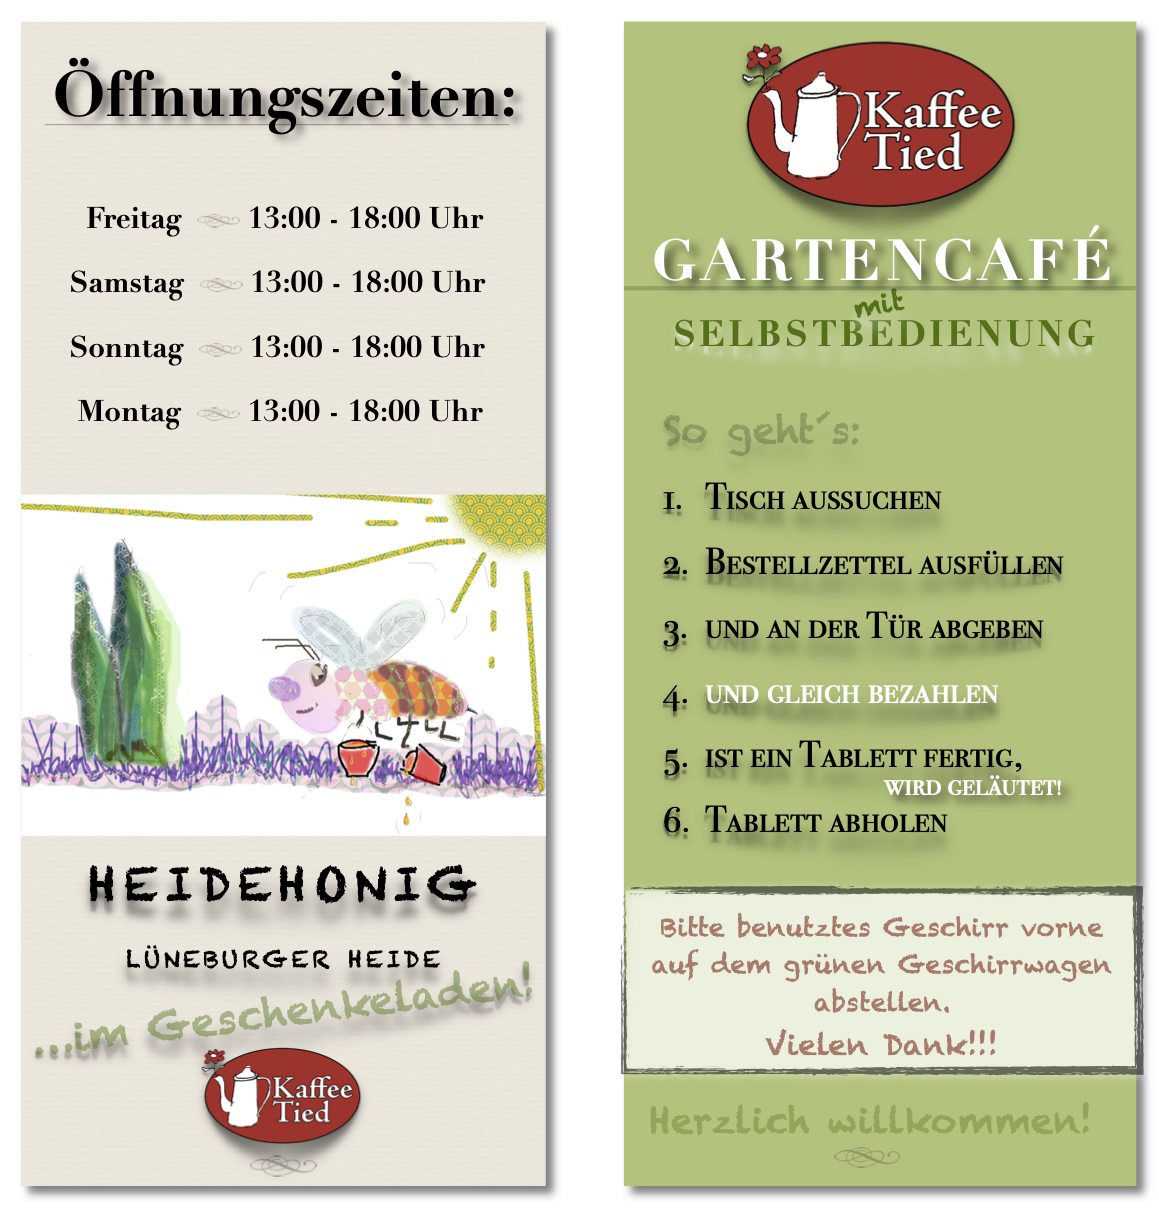 Derzeit Gartencafé und Außer-Haus-Verkauf mit geänderten Öffnungszeiten. Herzlich willkommen!